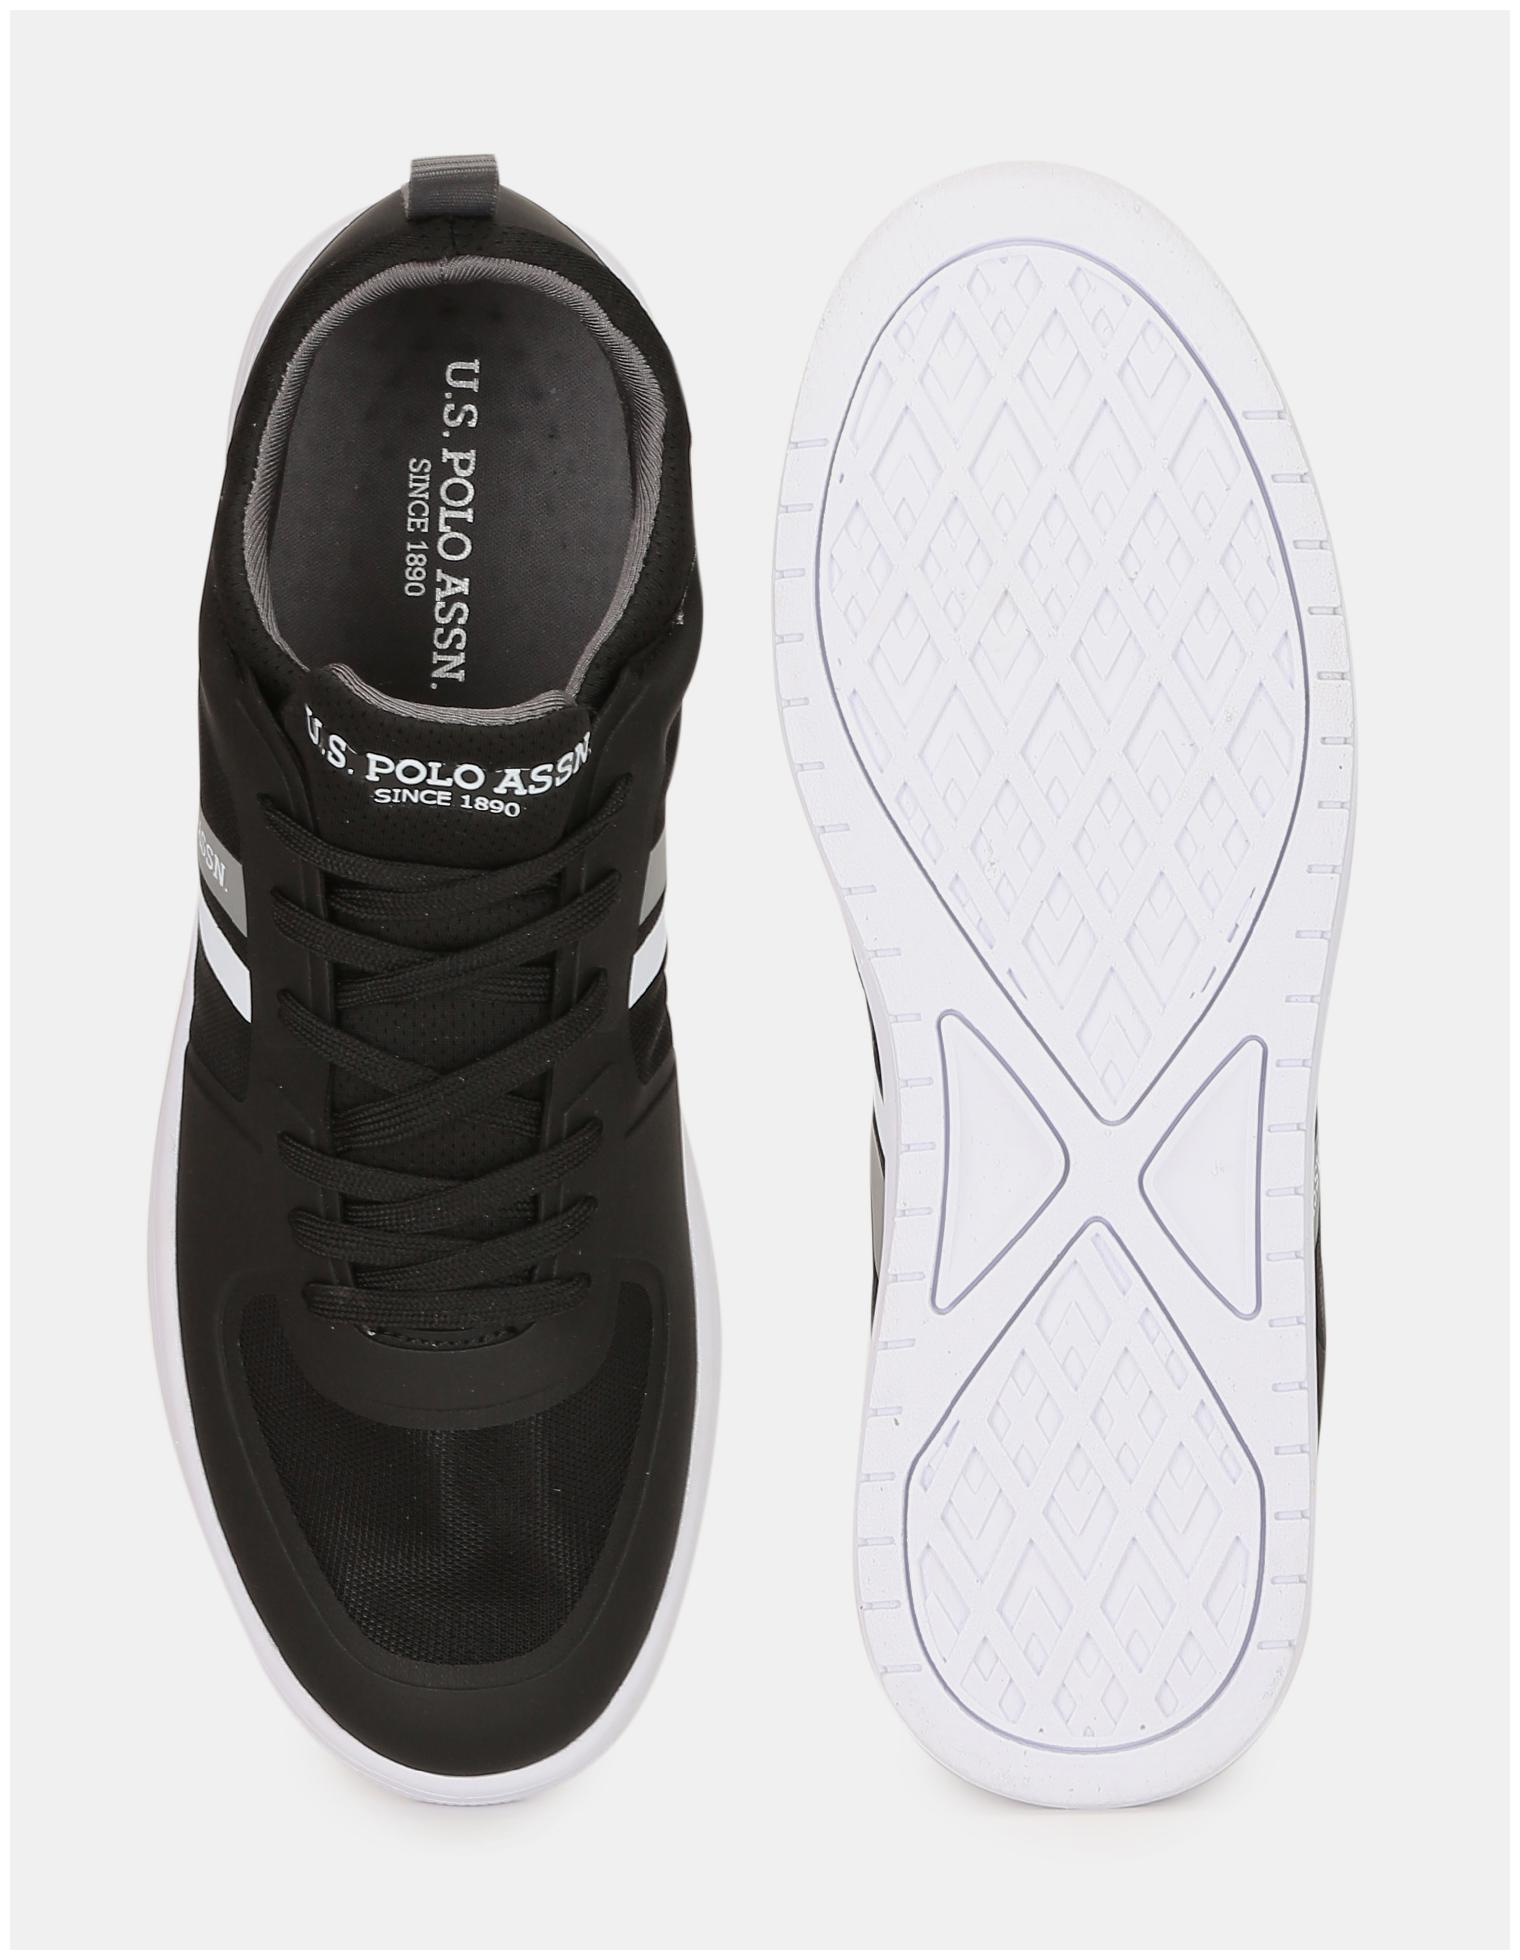 miniature 5 - US Polo Assn. Panneau en maille noire ronde Slip-On Sneakers Toe-nQS